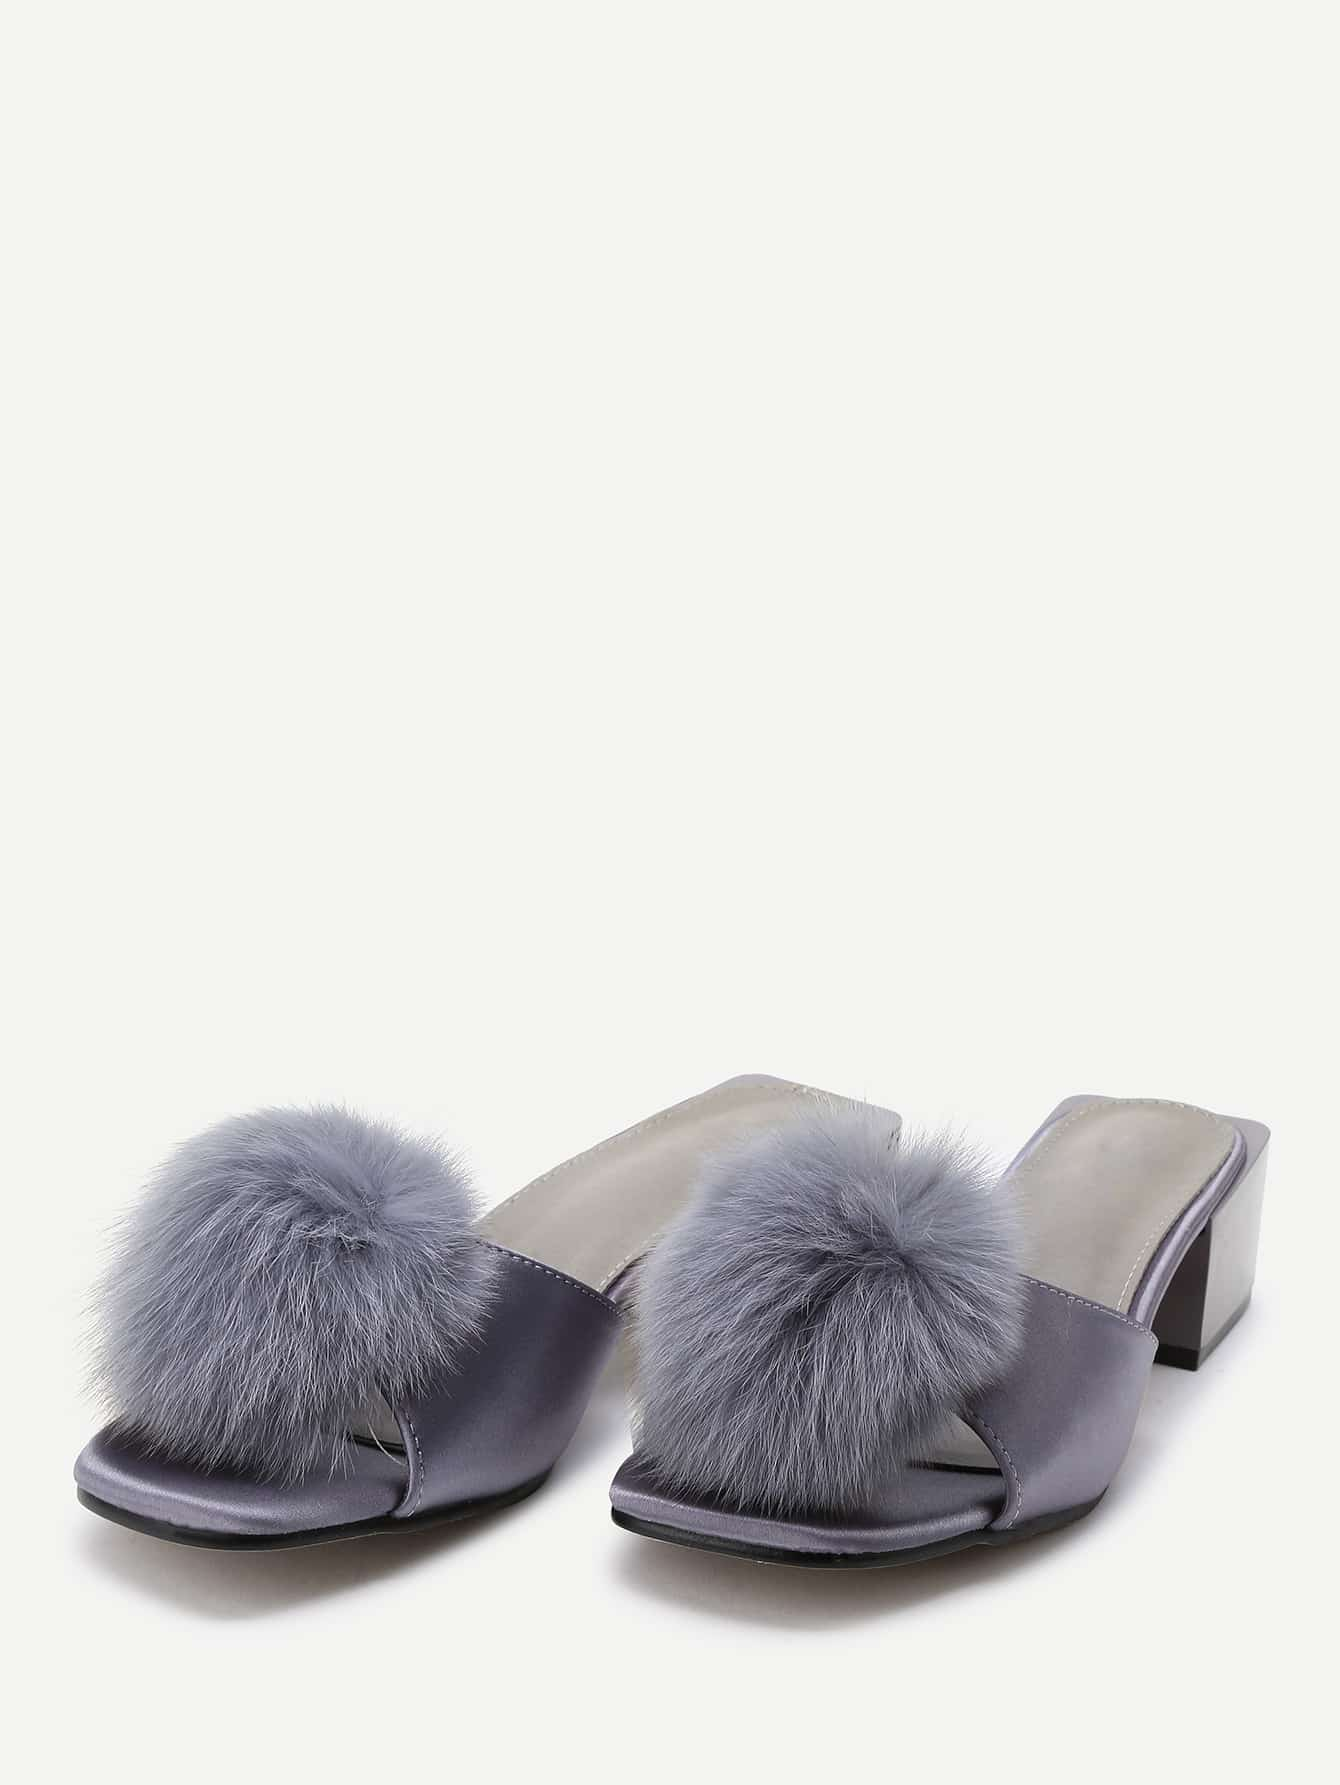 shoes170410810_2